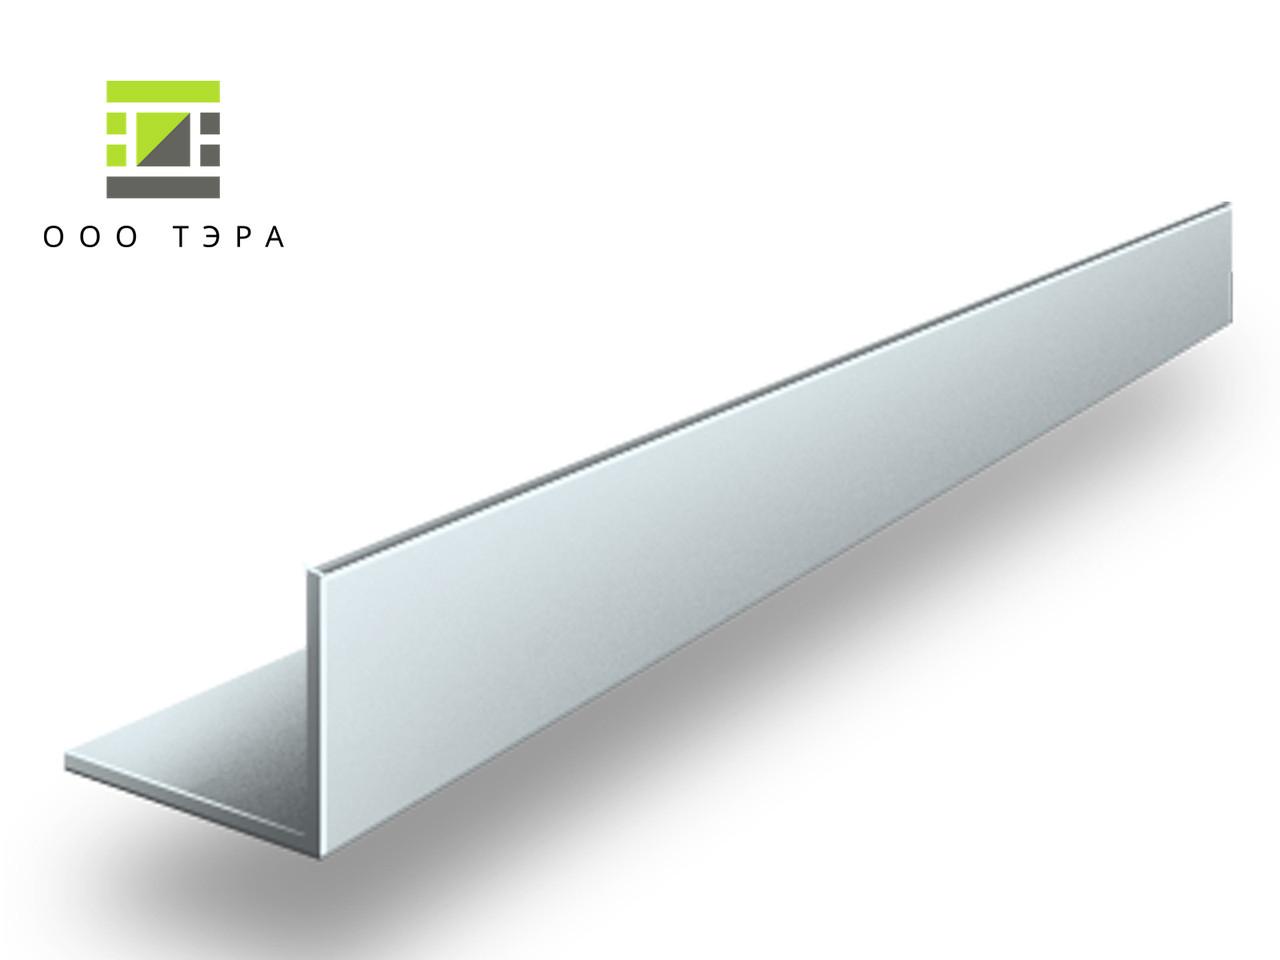 Уголок алюминиевый прессованный 40 х 40 х 3 мм АД31 без покрытия